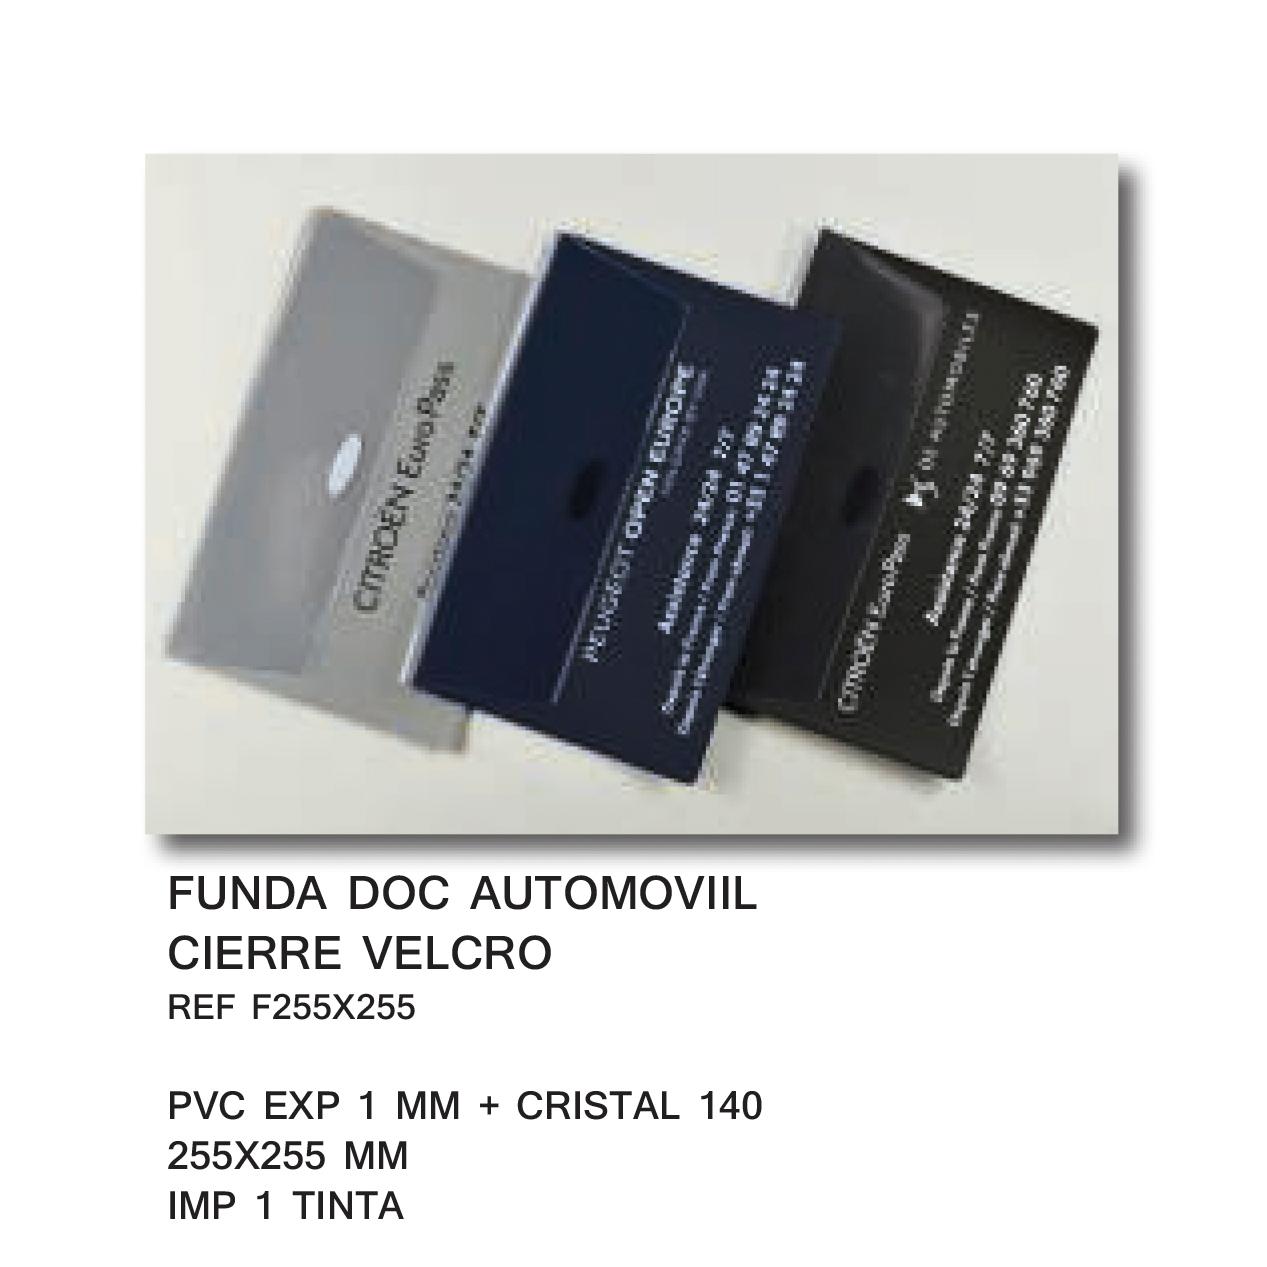 Funda Plástico publicidad AUTOMOVIL